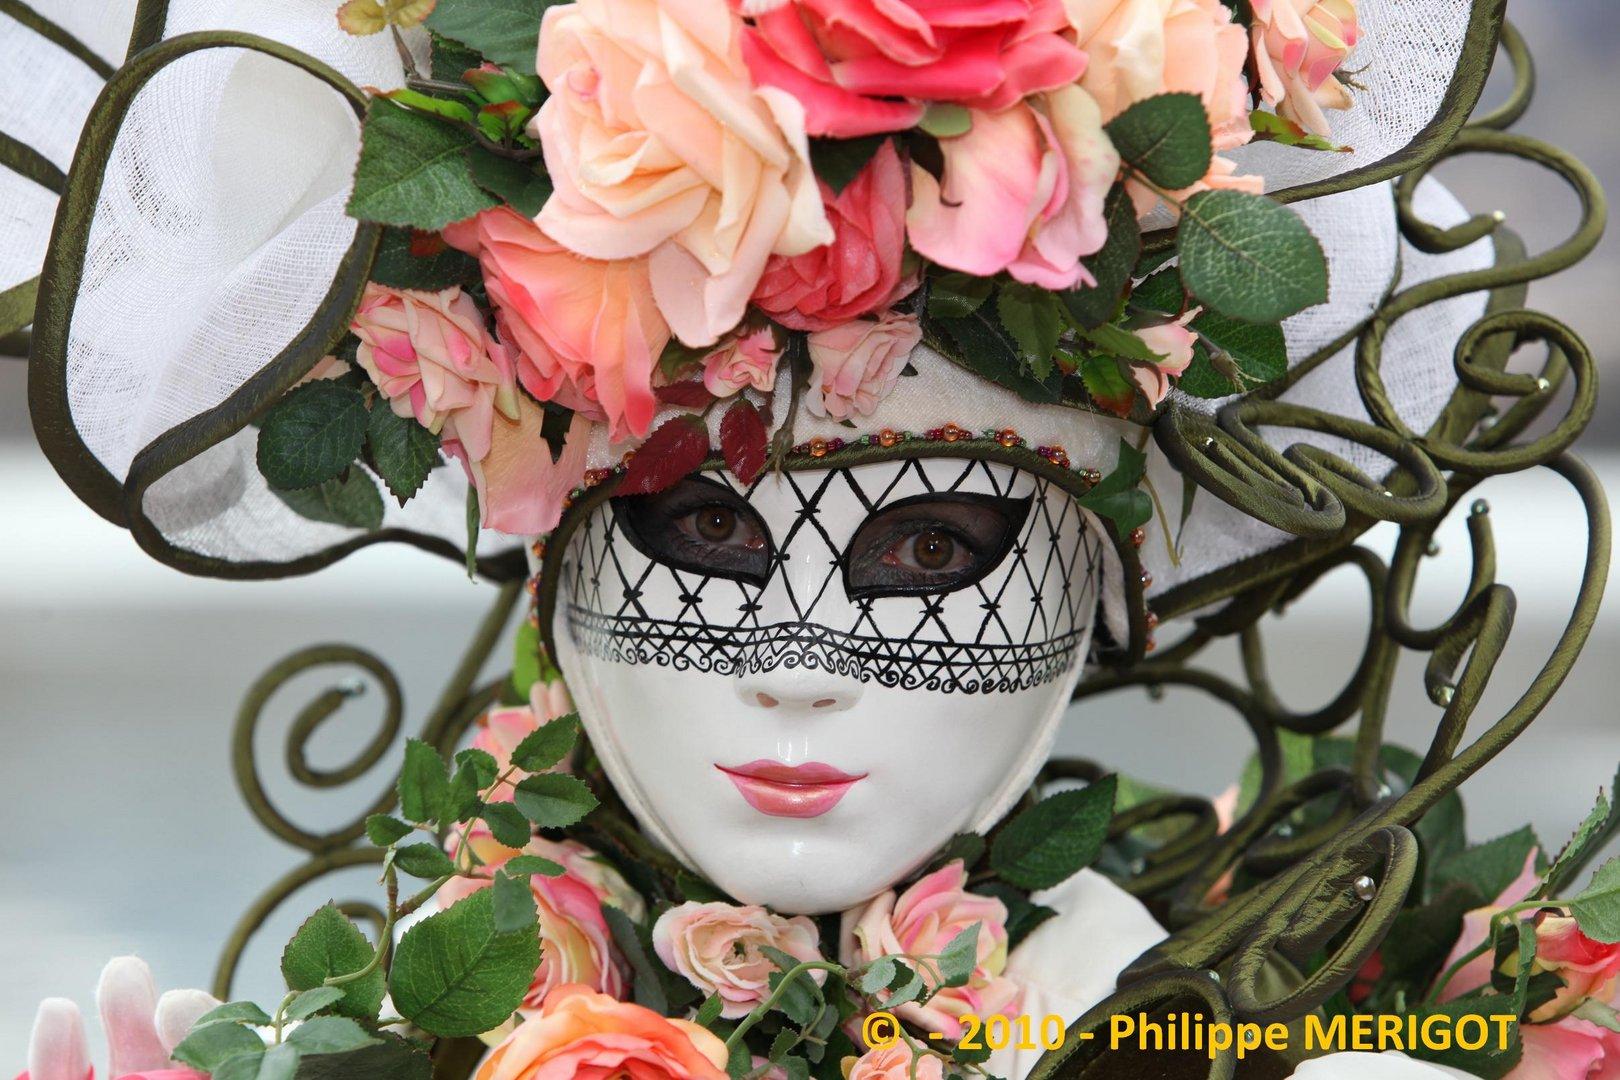 MERIGOT PHILIPPE - CARNAVAL VENITIEN - 25